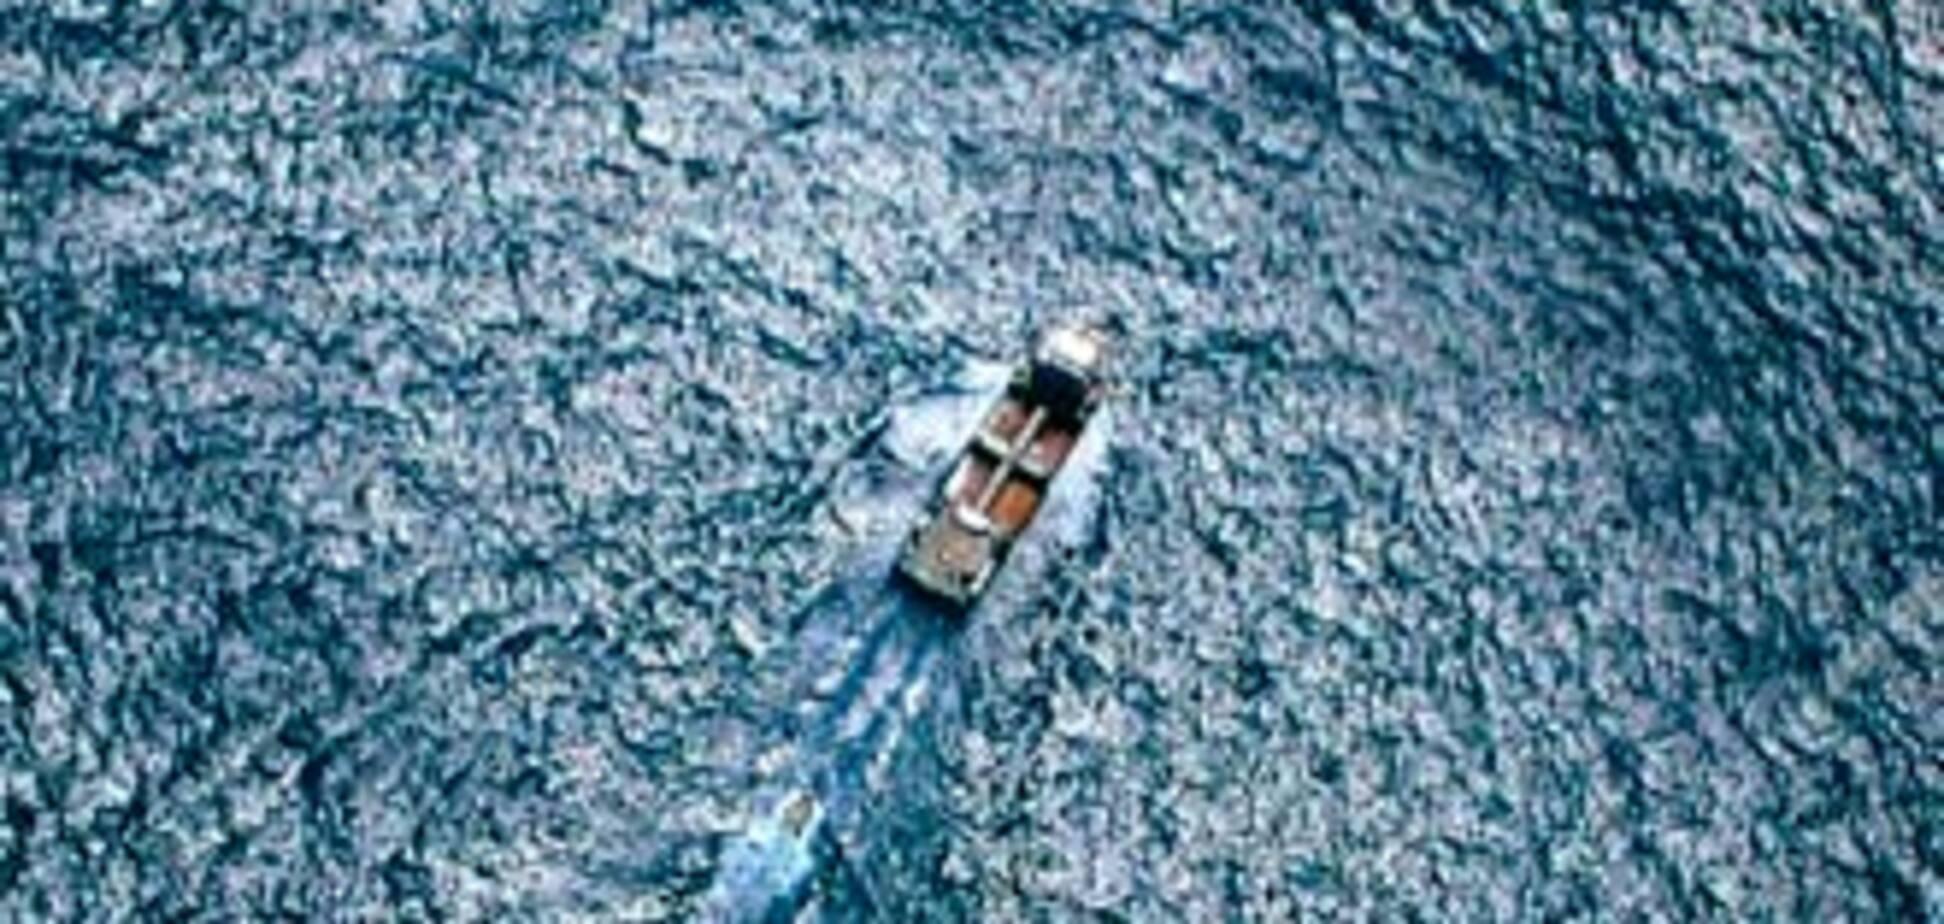 Женщина на борту захваченной пиратами 'Арианы' при смерти